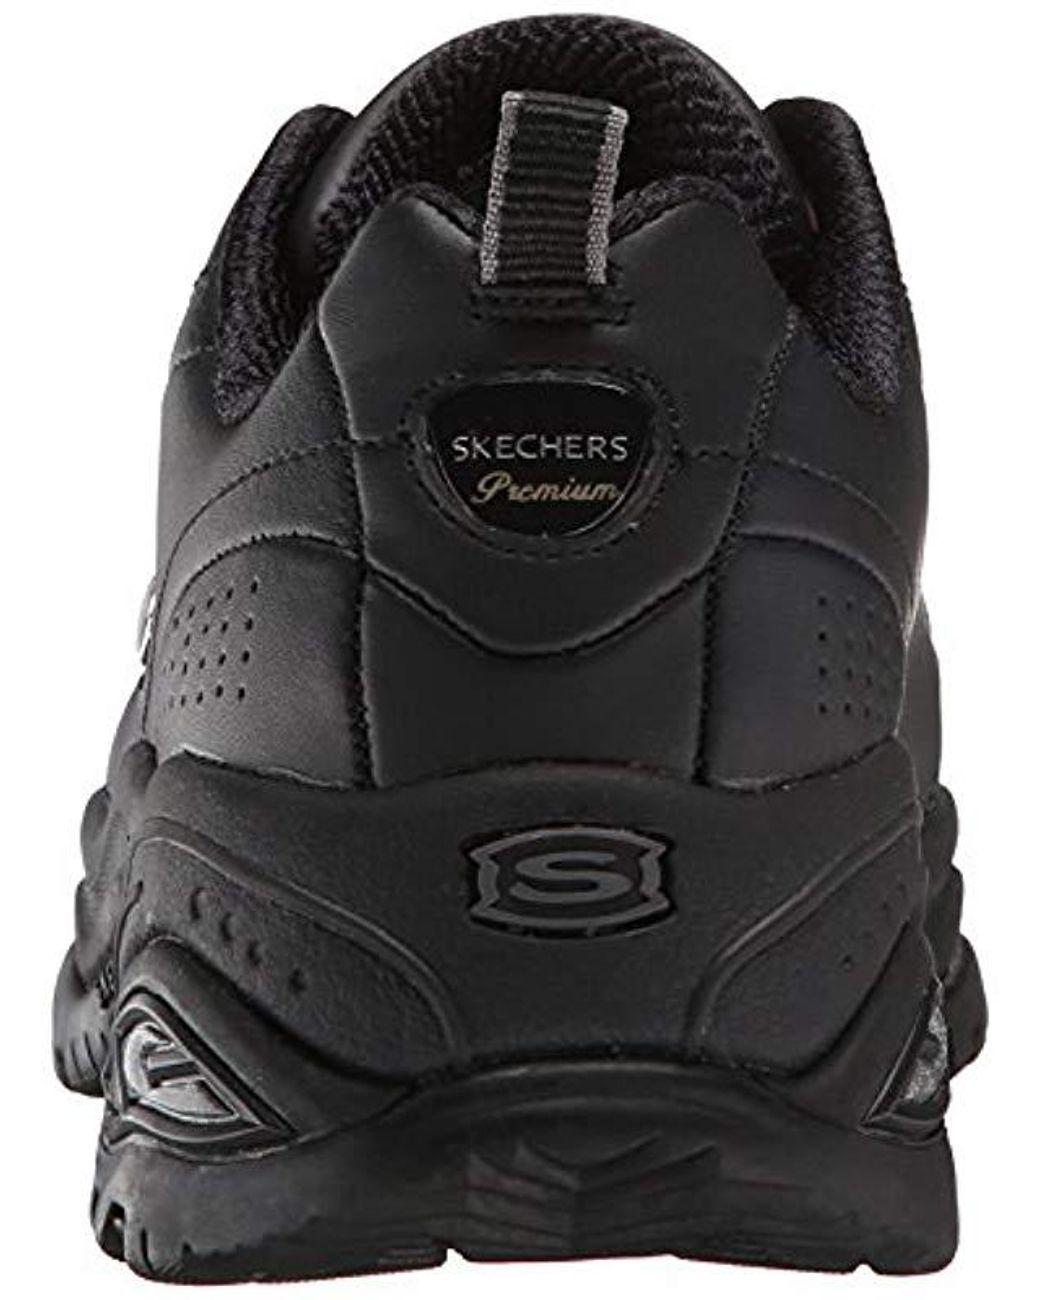 skechers premium black